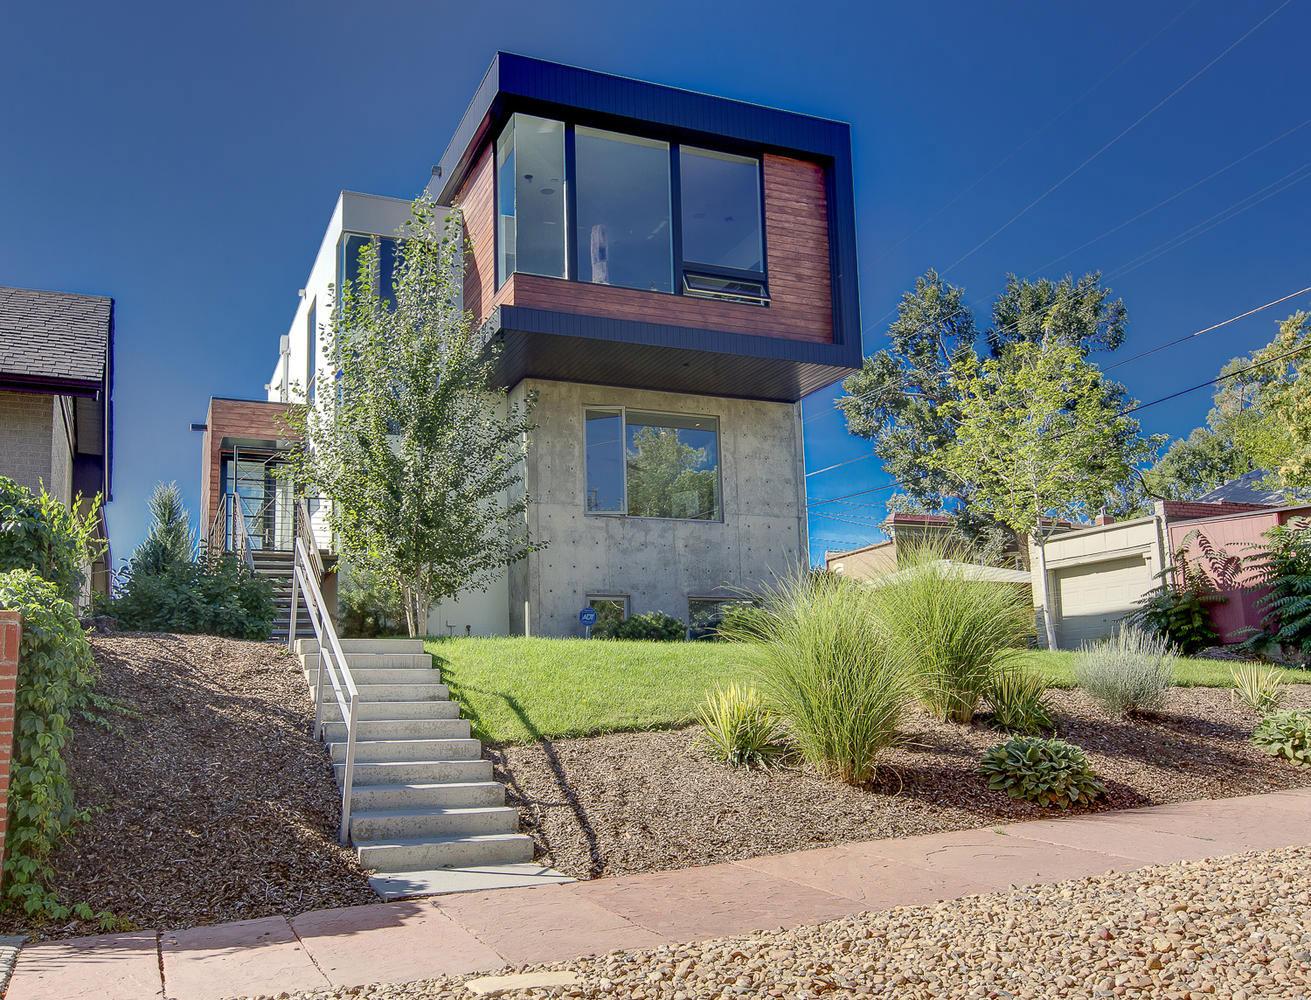 Американские дома: фото стильного коттеджа переменной этажности с ярким фасадом